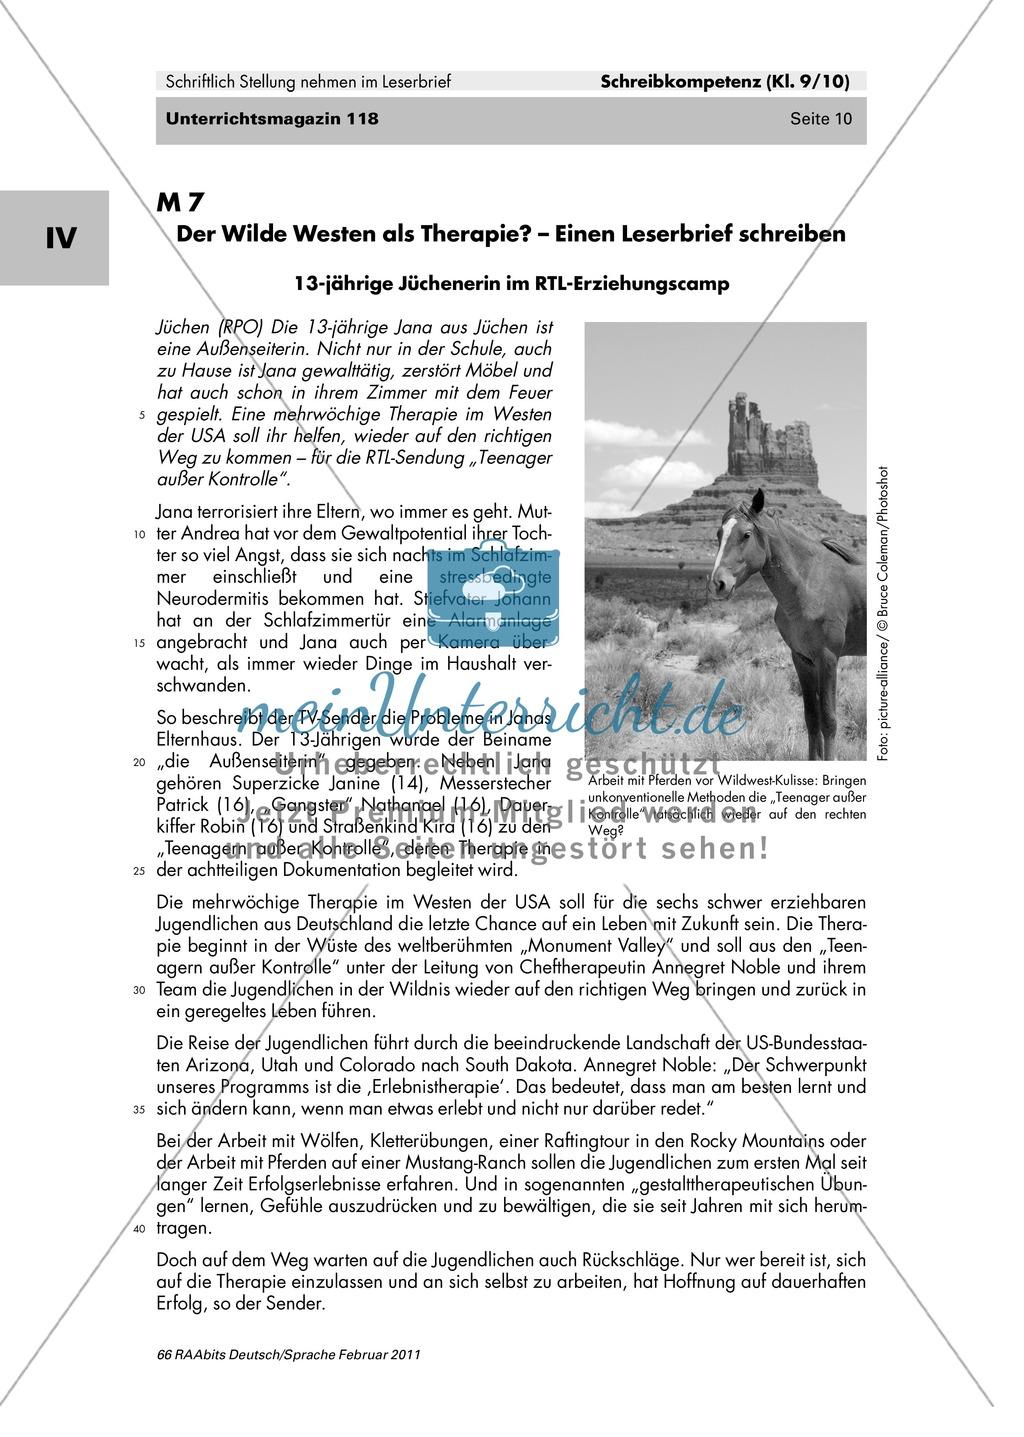 Der Leserbrief als schriftliche Stellungnahme: Merkmale kennen lernen, Fehler finden, Produktion eines eigenen Leserbriefes Preview 5